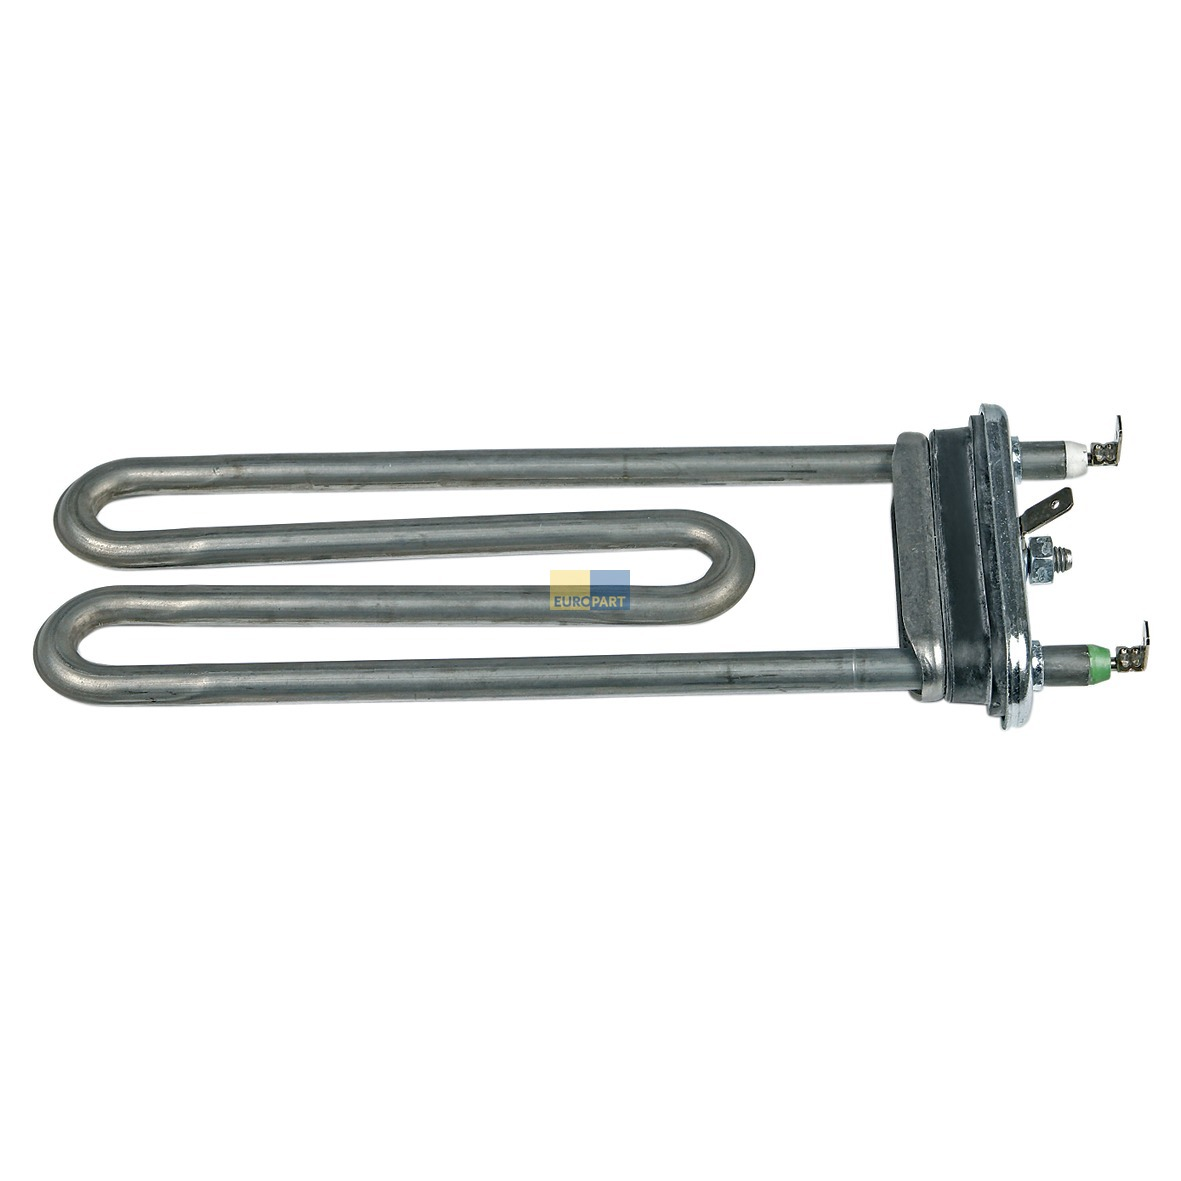 Kohlebürsten Motorkohlen für Bosch WFL 1201 WFL 1241 WFL 1202 WFL 1240